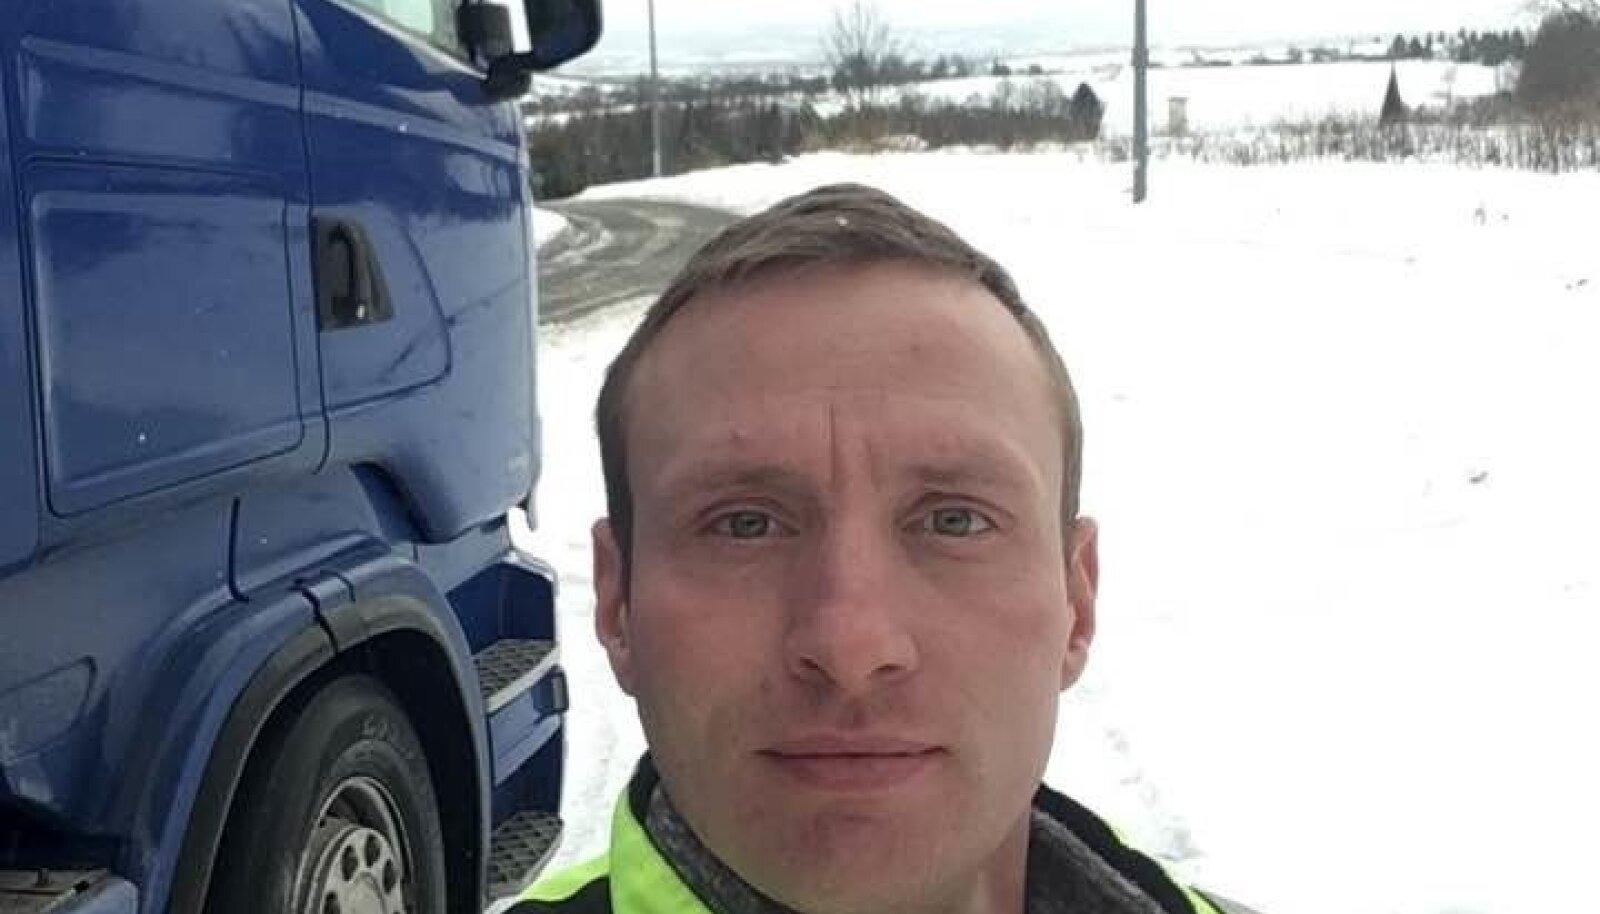 SÕIT: Andres oli oma rekajuhi töö üle uhke. Kohtus tõi ta siiski välja ameti väikese vea: veoautoga ei saavat kihutada.